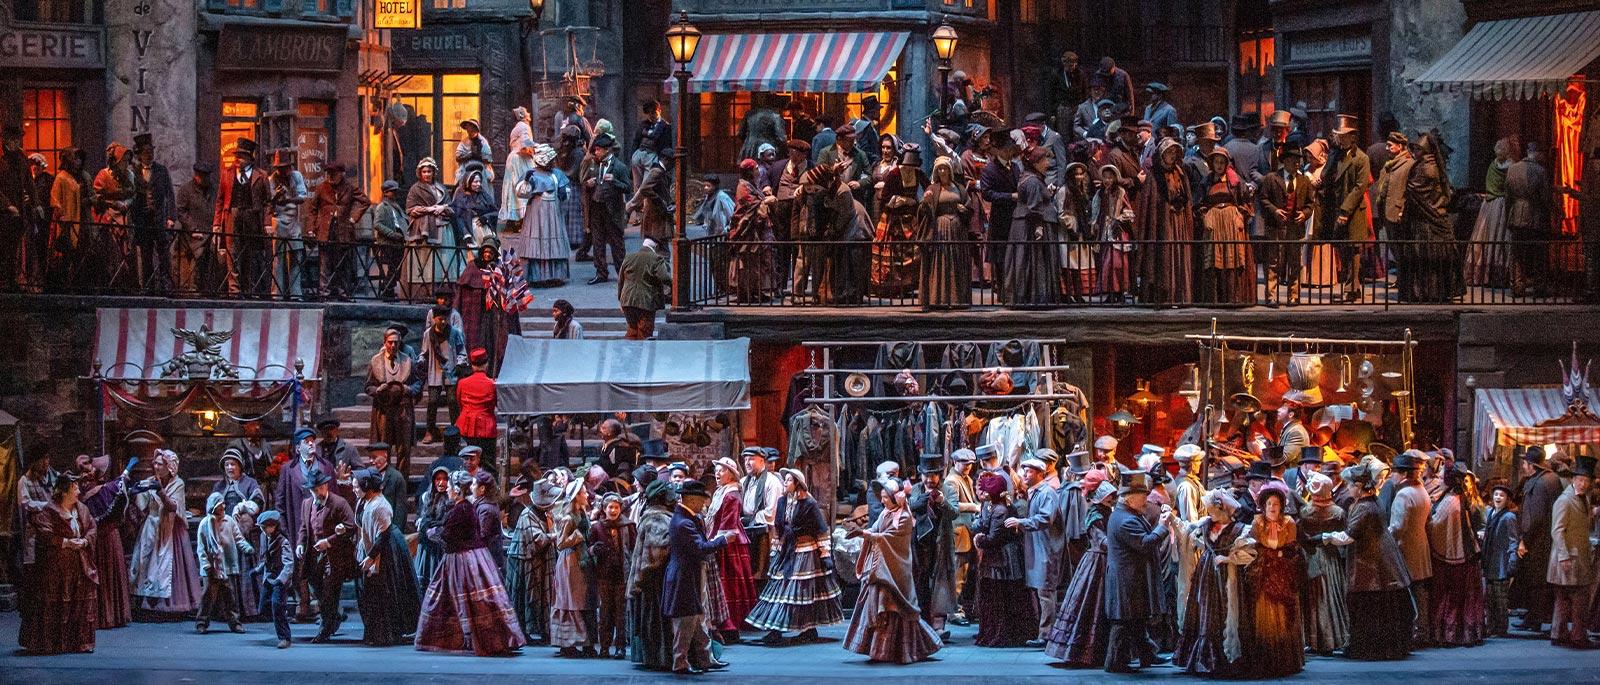 La Bohème - The Metropolitan Opera New York - 2022